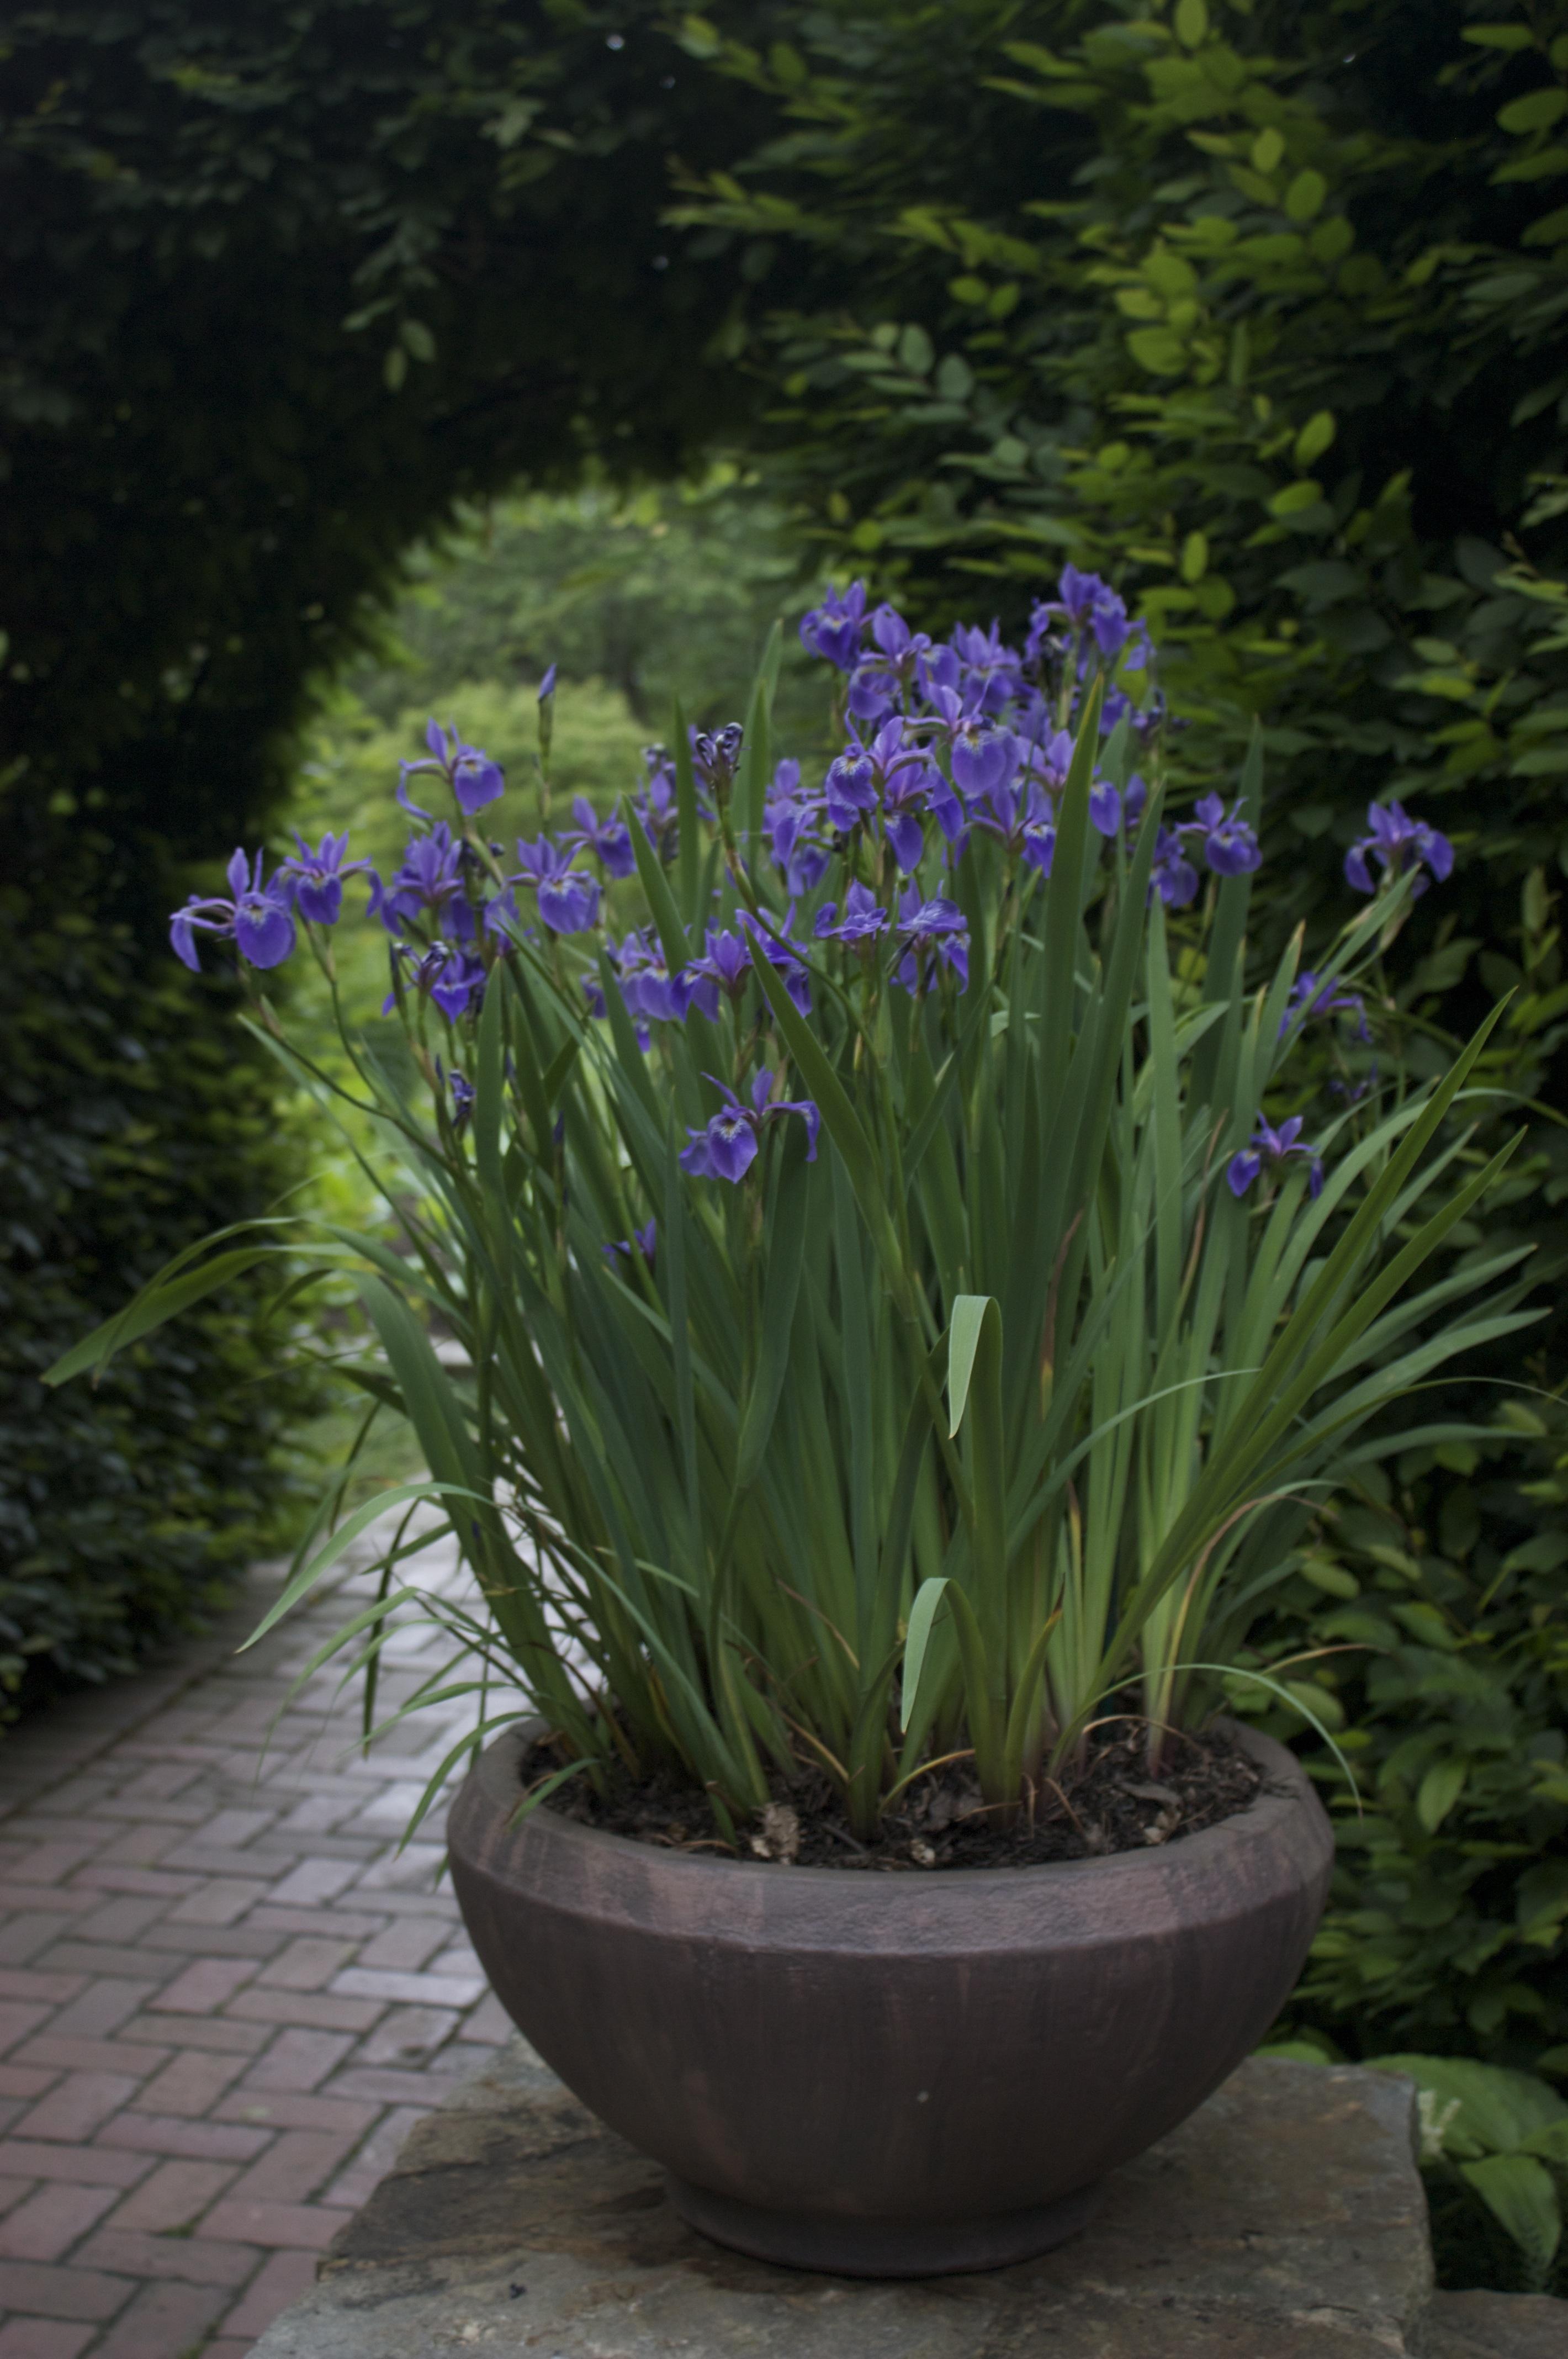 Lavanda cuidados maceta cheap tu jardin con flores que - Cuidados lavanda en maceta ...